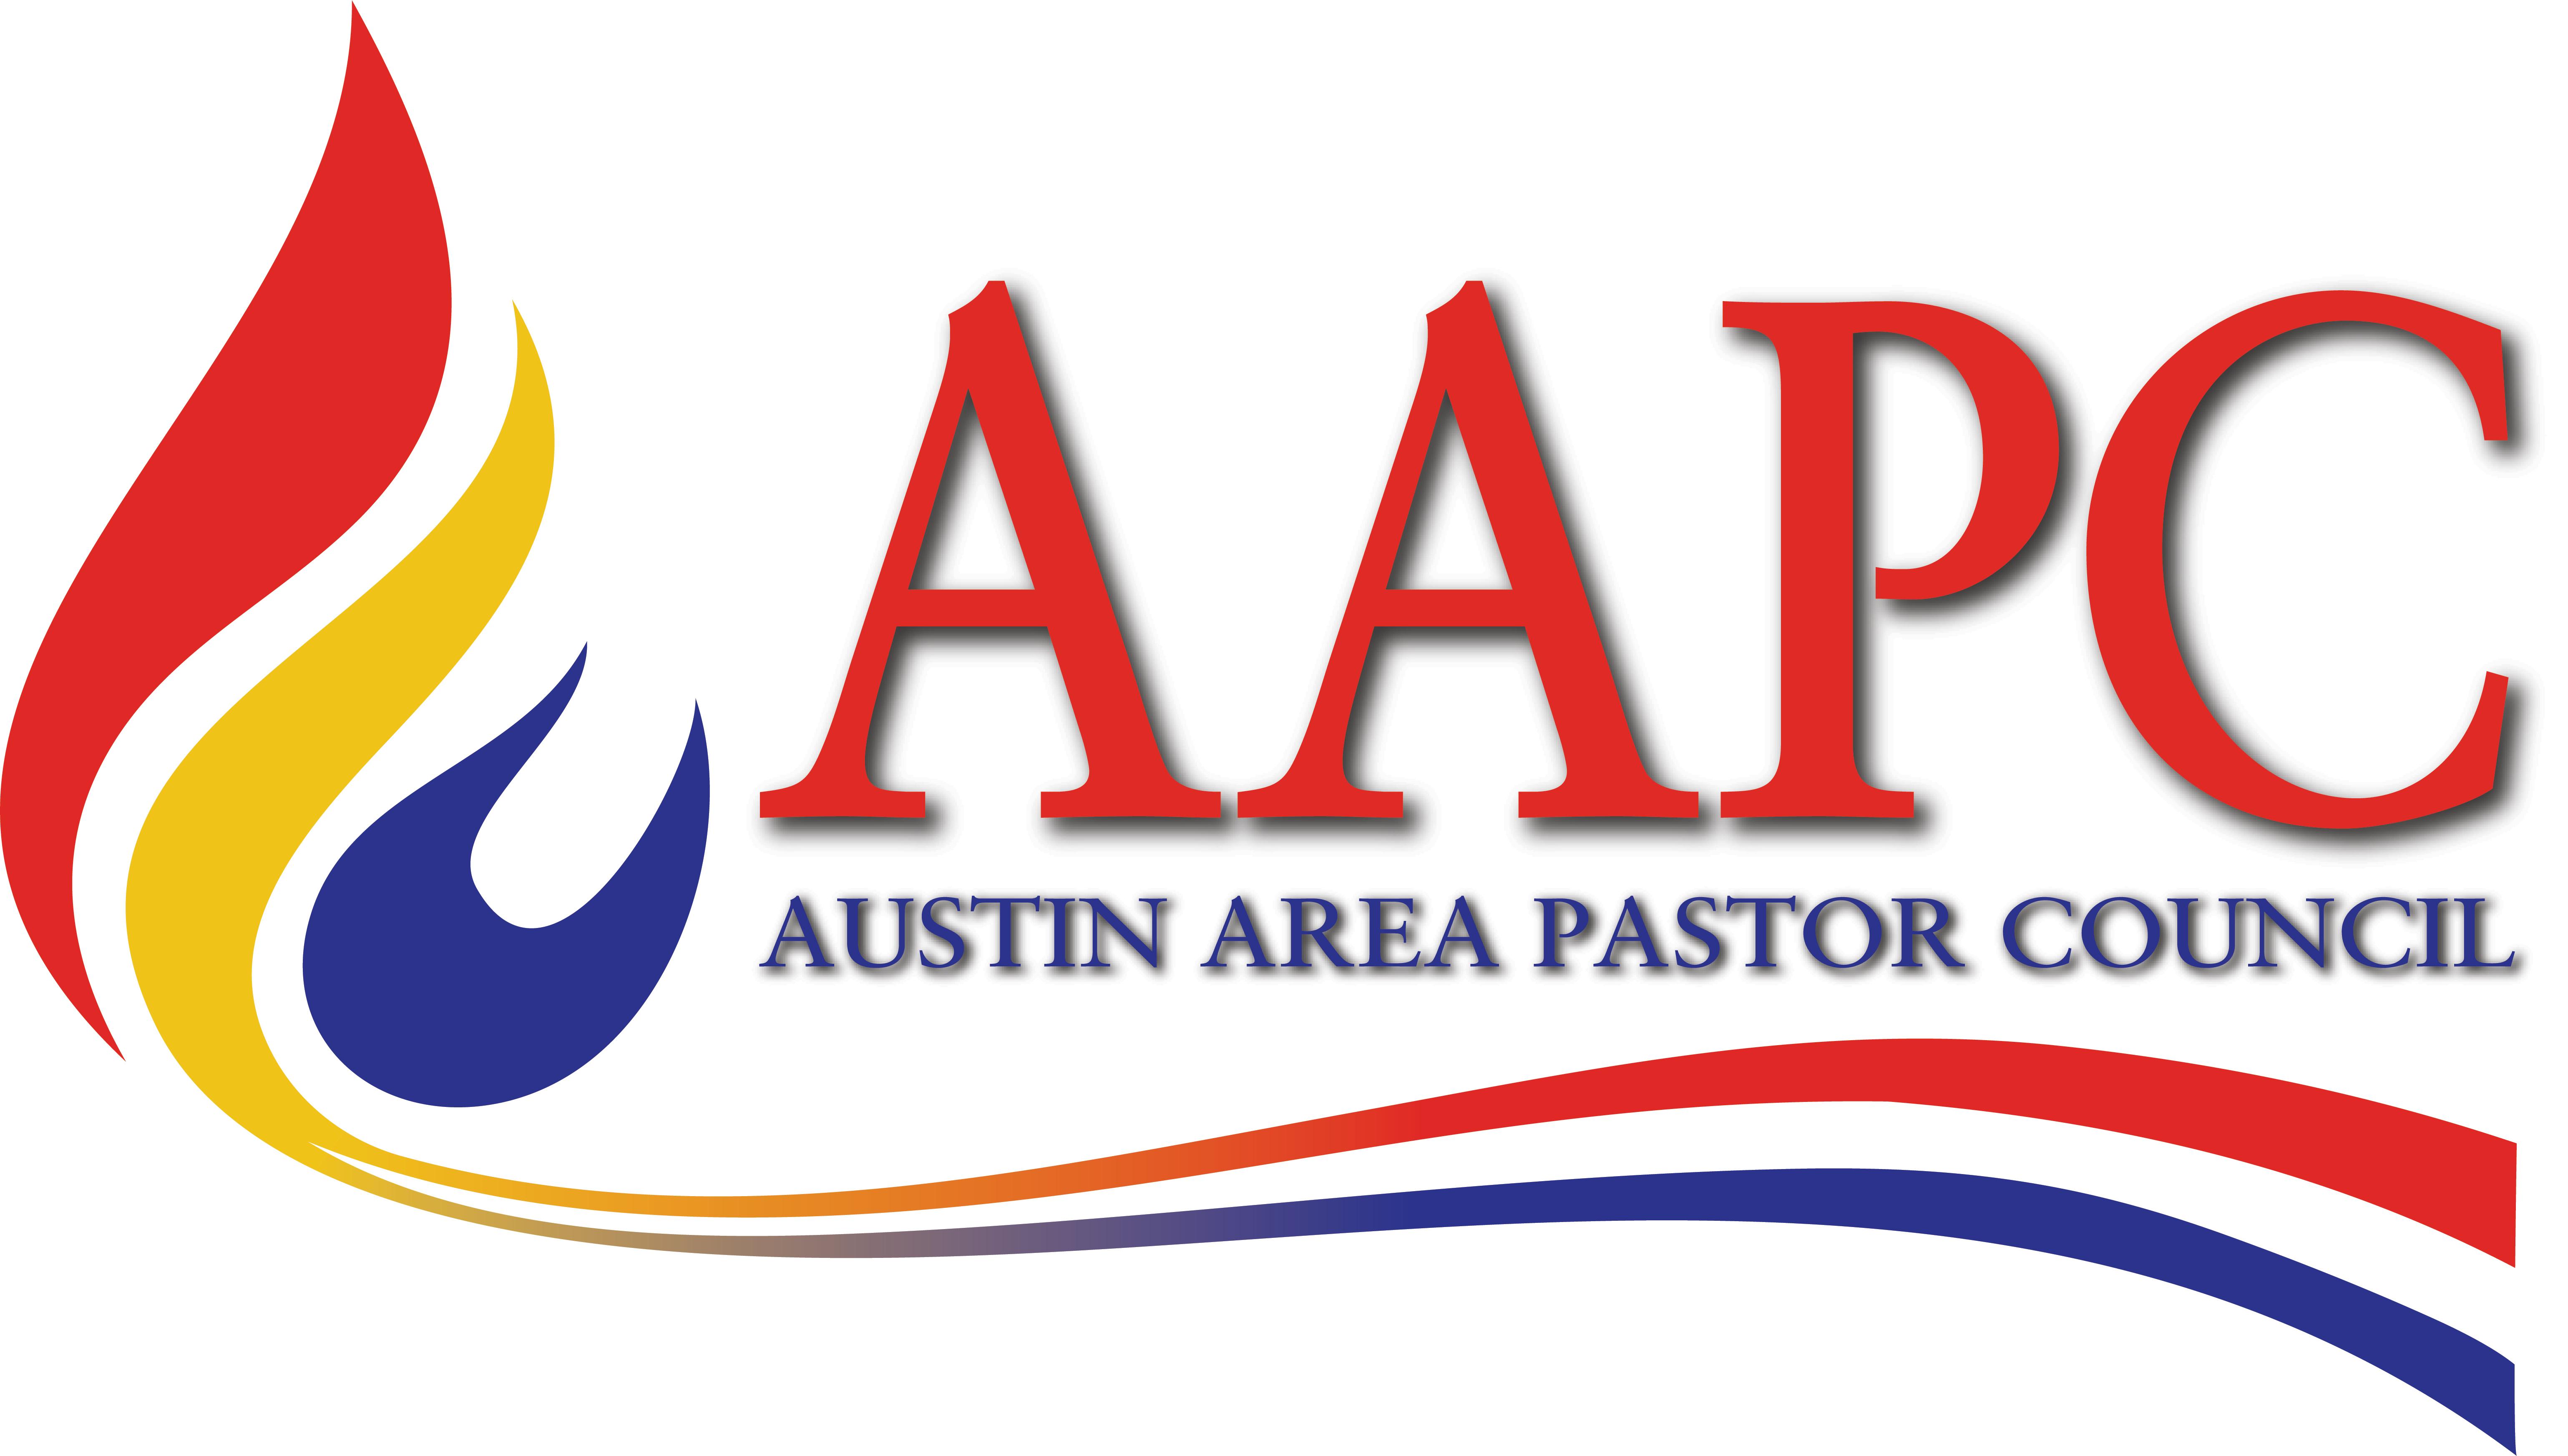 Austin Area Pastor Council